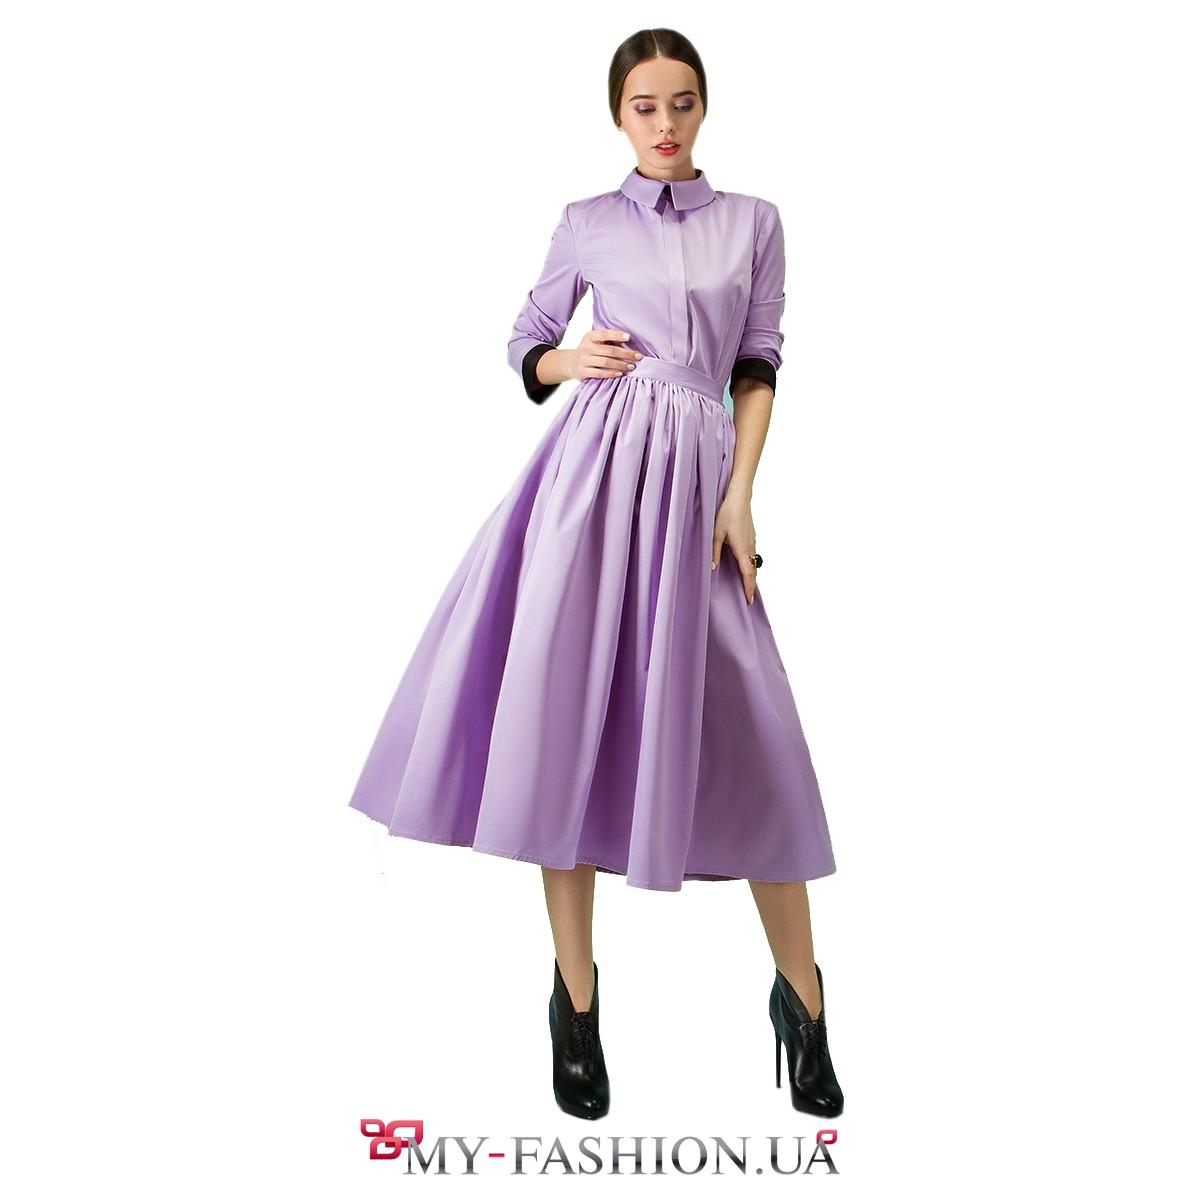 Купить юбку сиреневого цвета